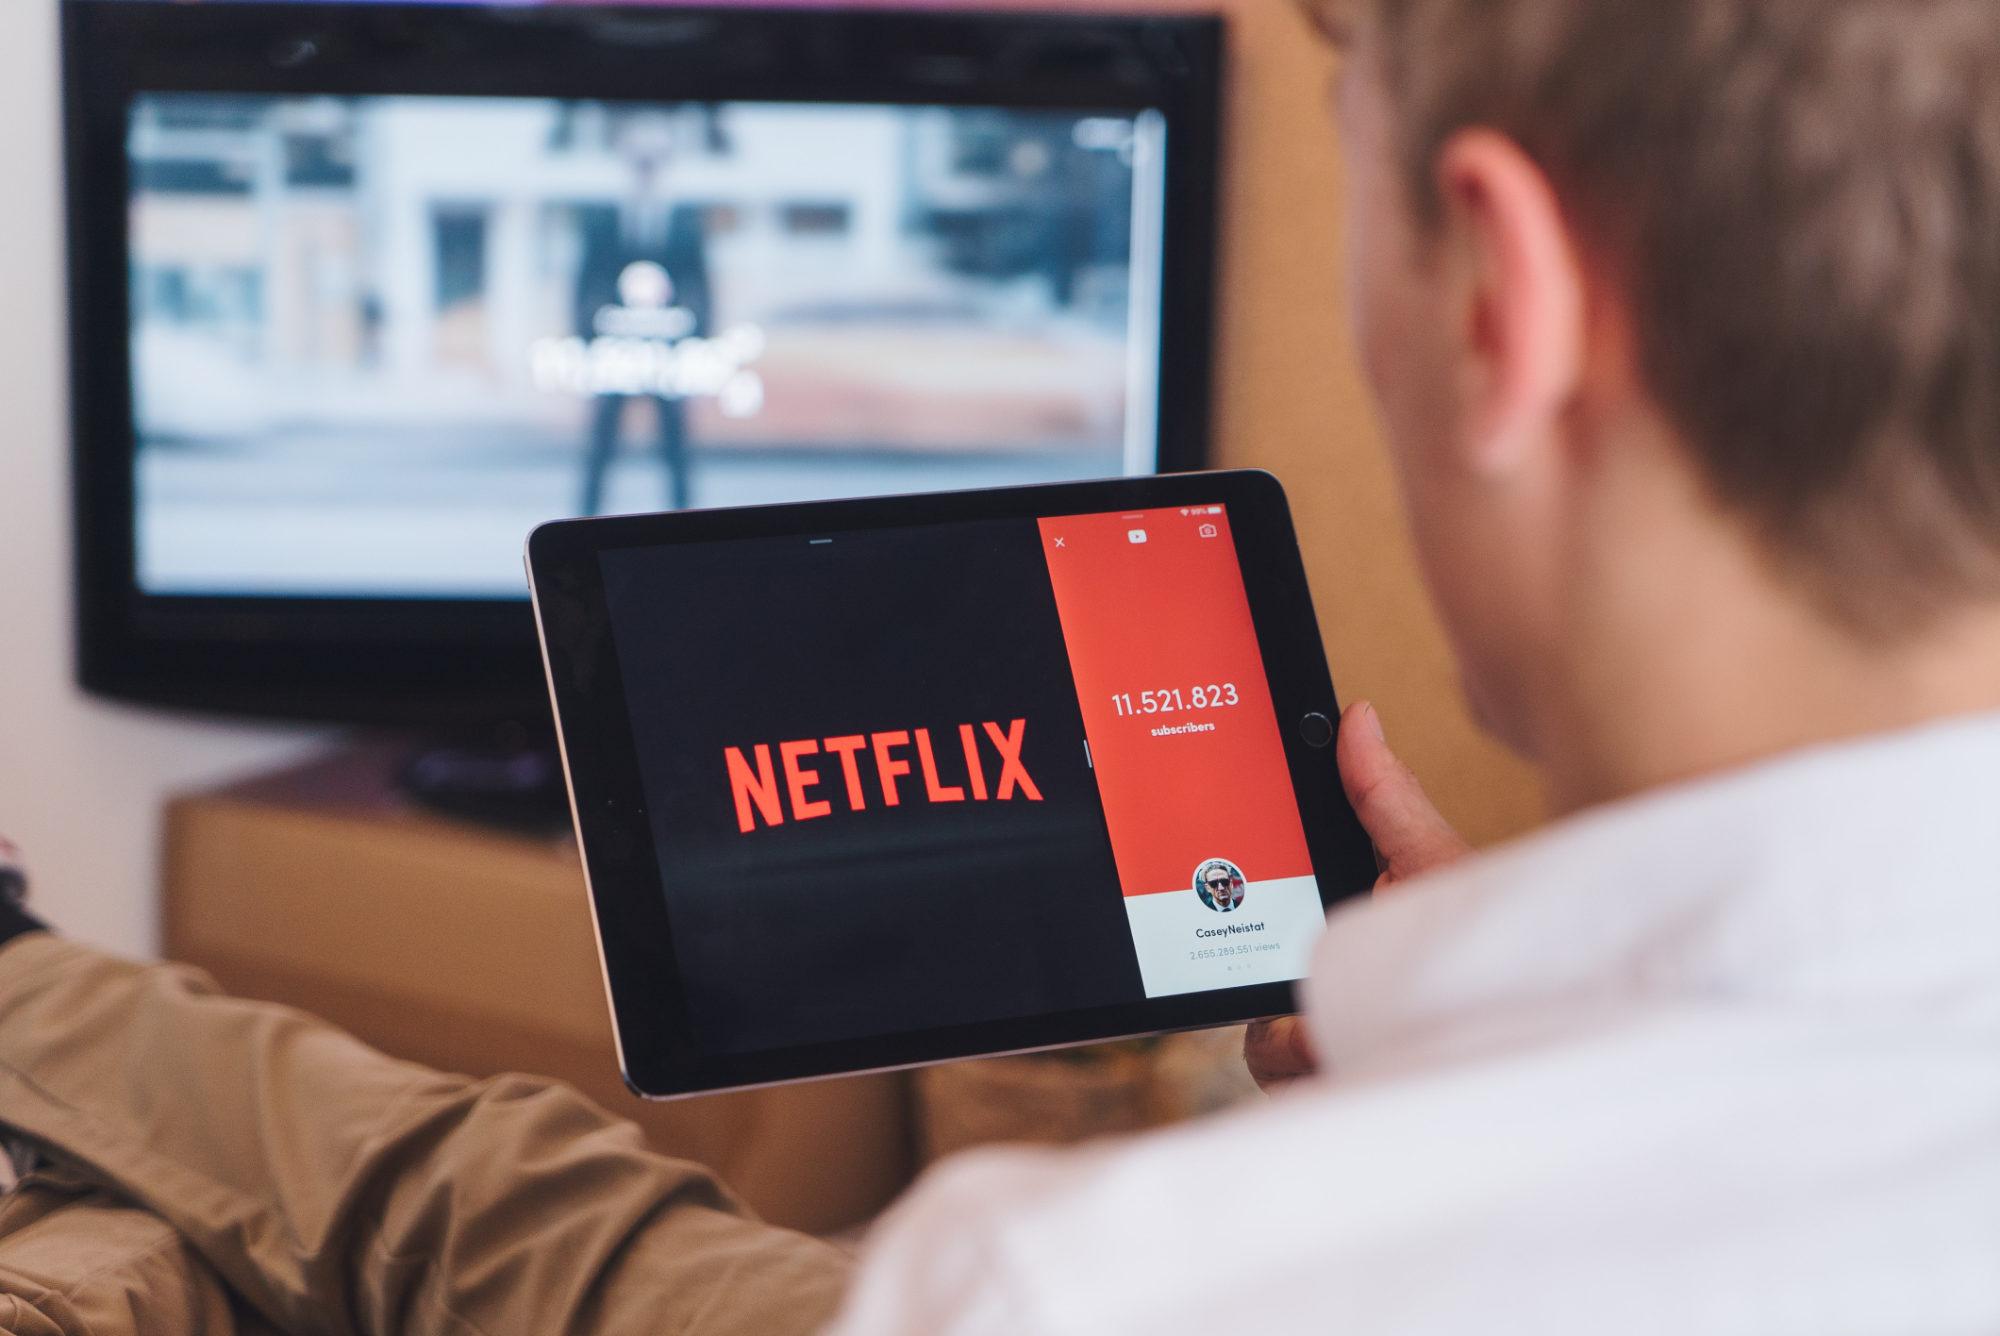 Netflix augmente ses prix, Intel marque son retour et le nouveau zoom d'Oppo – Tech'spresso